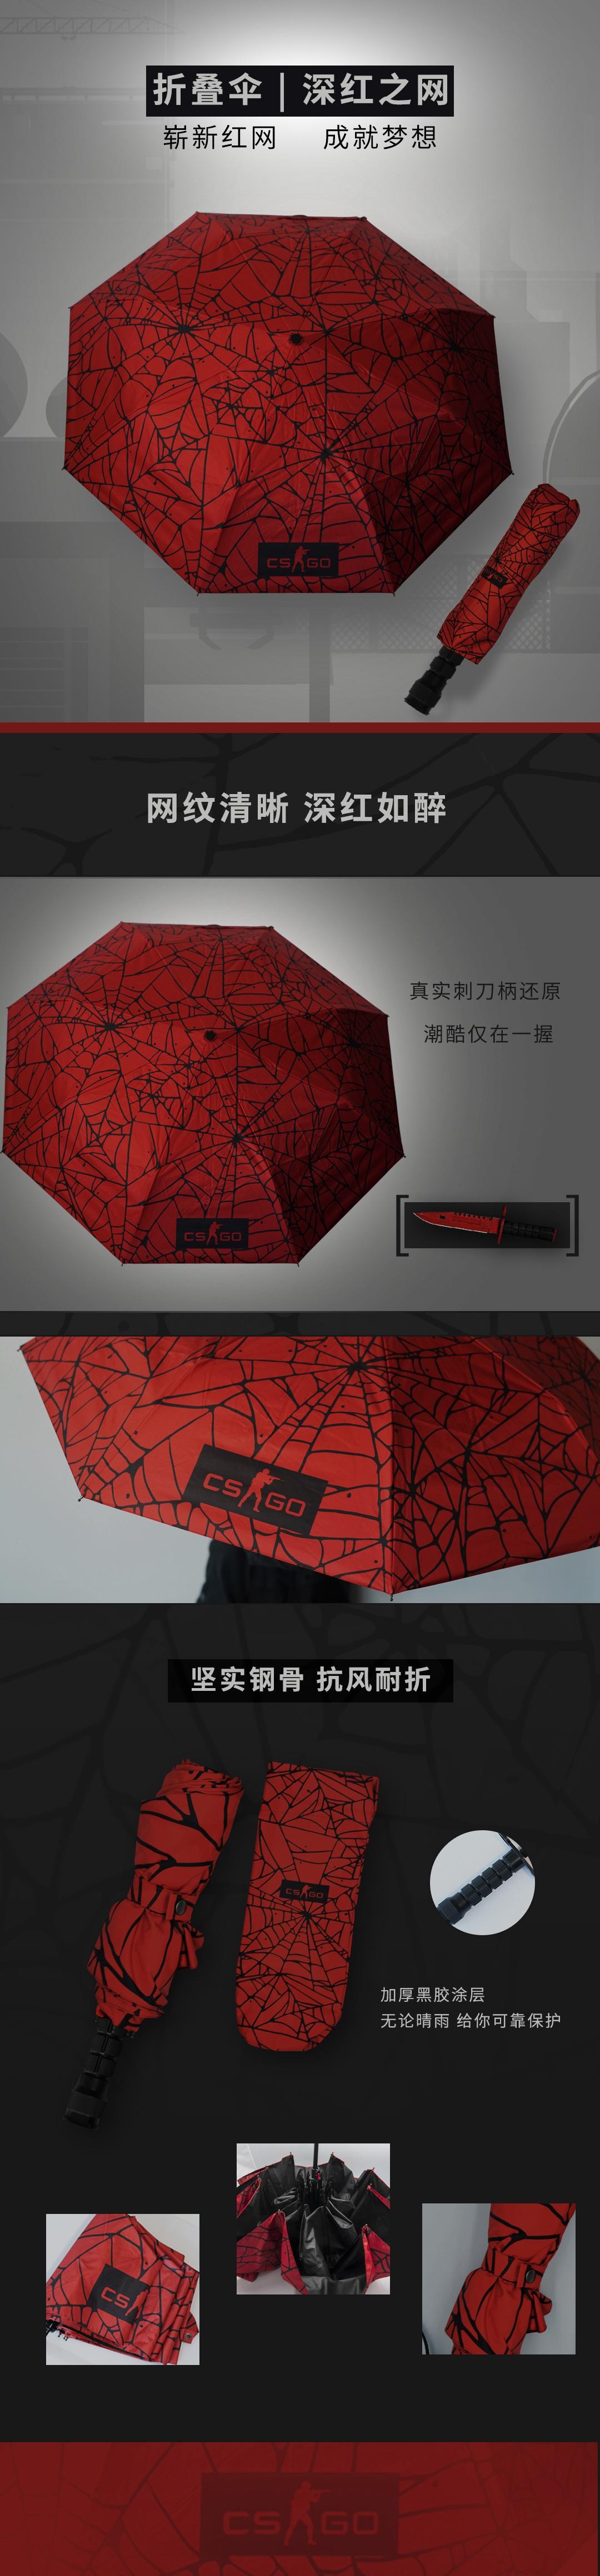 雨伞-深红之网.jpg